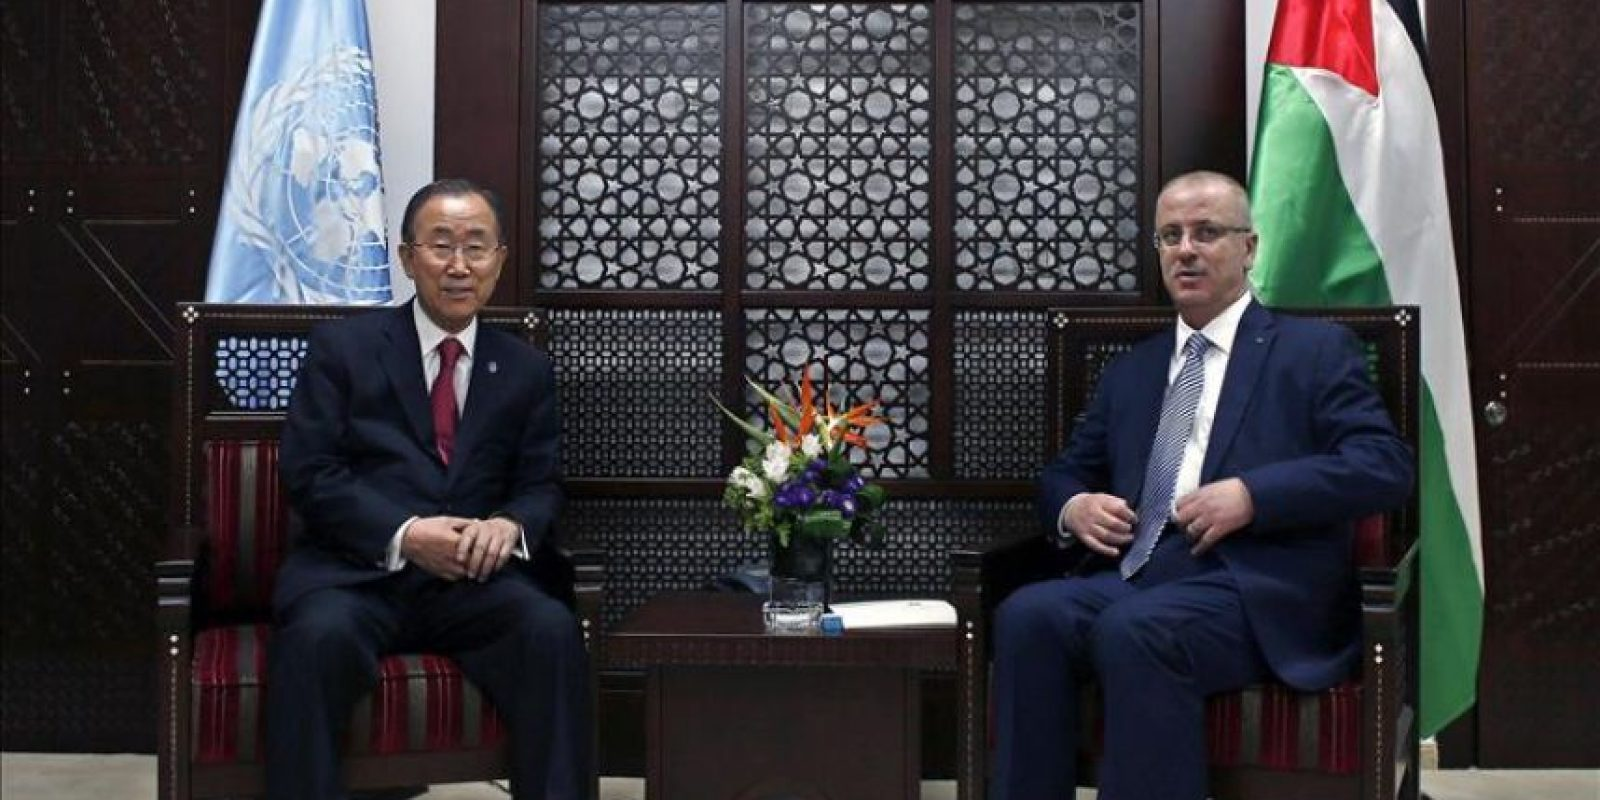 El secretario general de la ONU, Ban Ki-moon (izq), y el primer ministro palestino, Rami Hamdala (dcha), mantienen una reunión en Ramala, Cisjordania (Palestina) este lunes. EFE